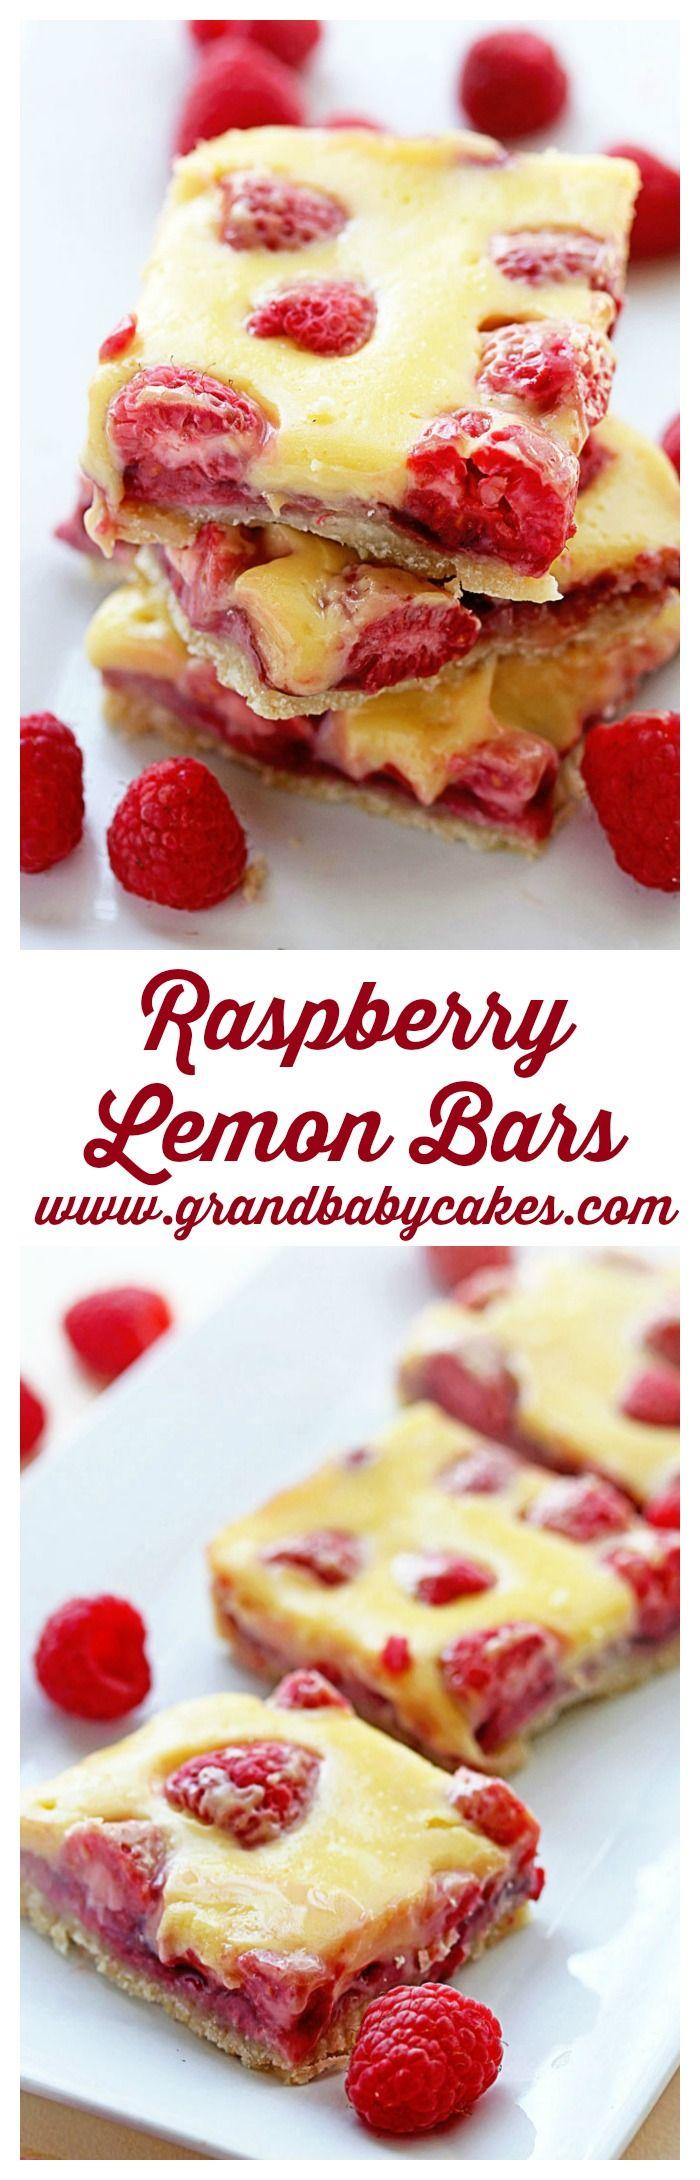 Raspberry Lemon Bars- Raspberry and Lemon Never Tasted so Good! ~ http://www.grandbaby-cakes.com